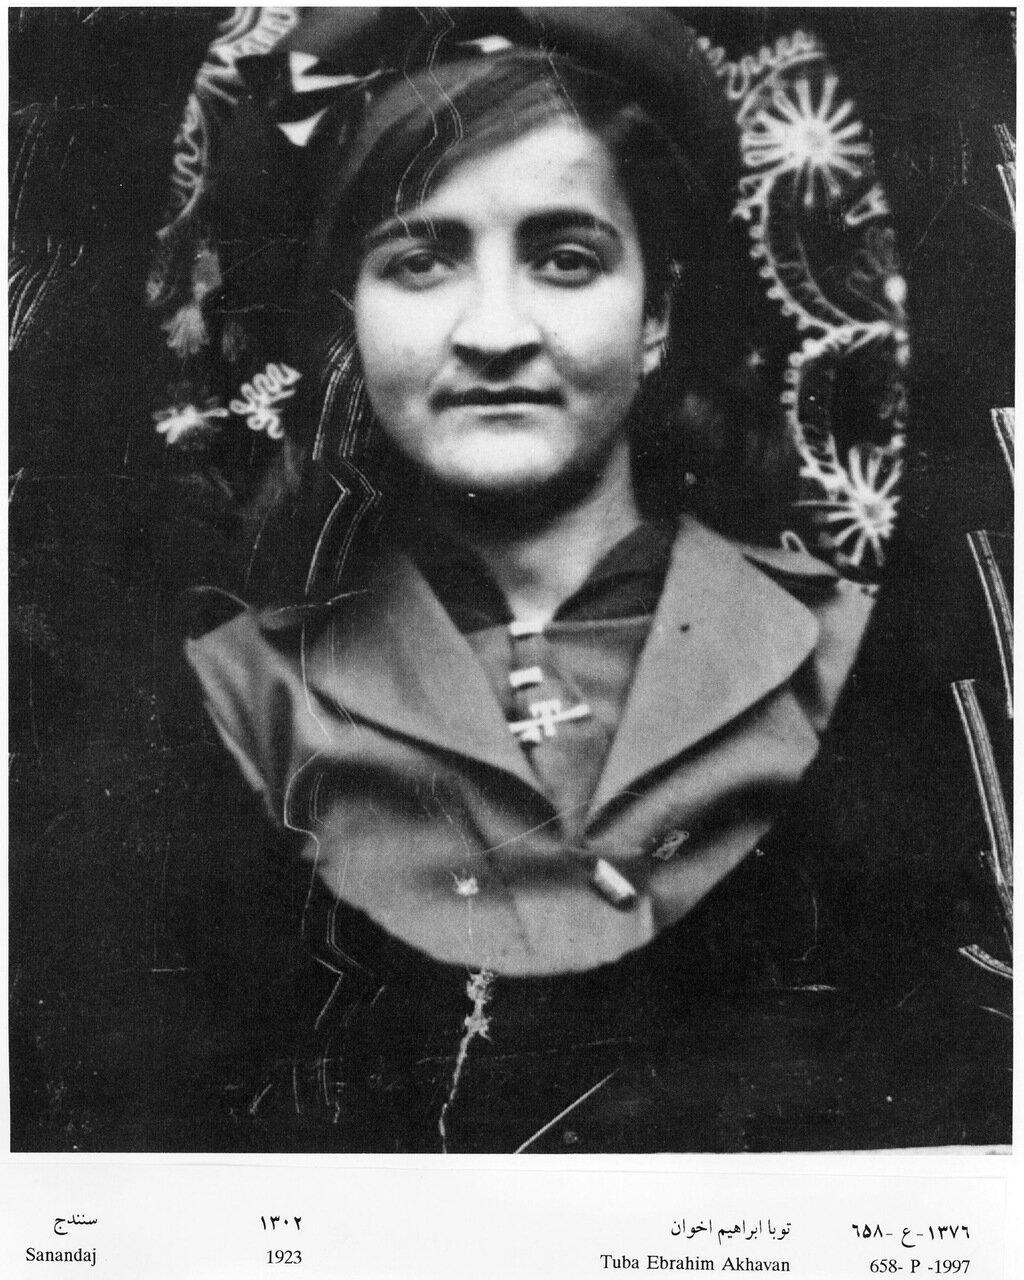 Туба Ибрагим Аквахам, Санандай, 1923